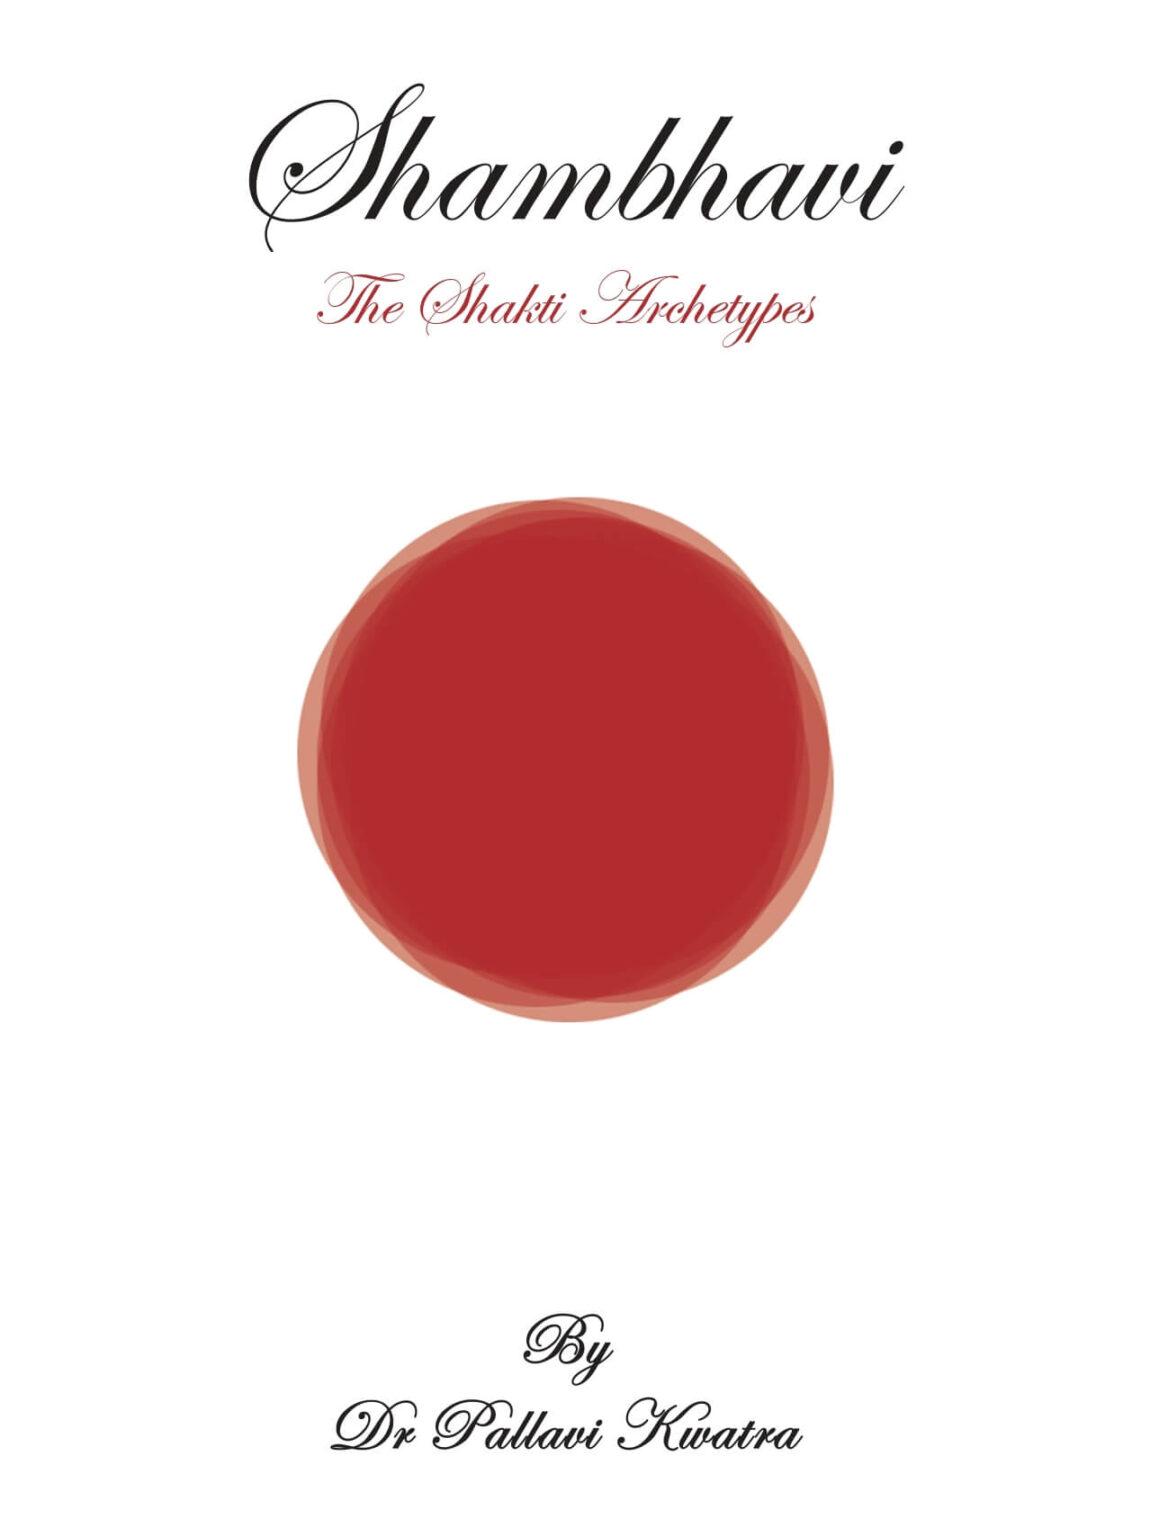 Shambhavi-Front-Cover-1.jpg